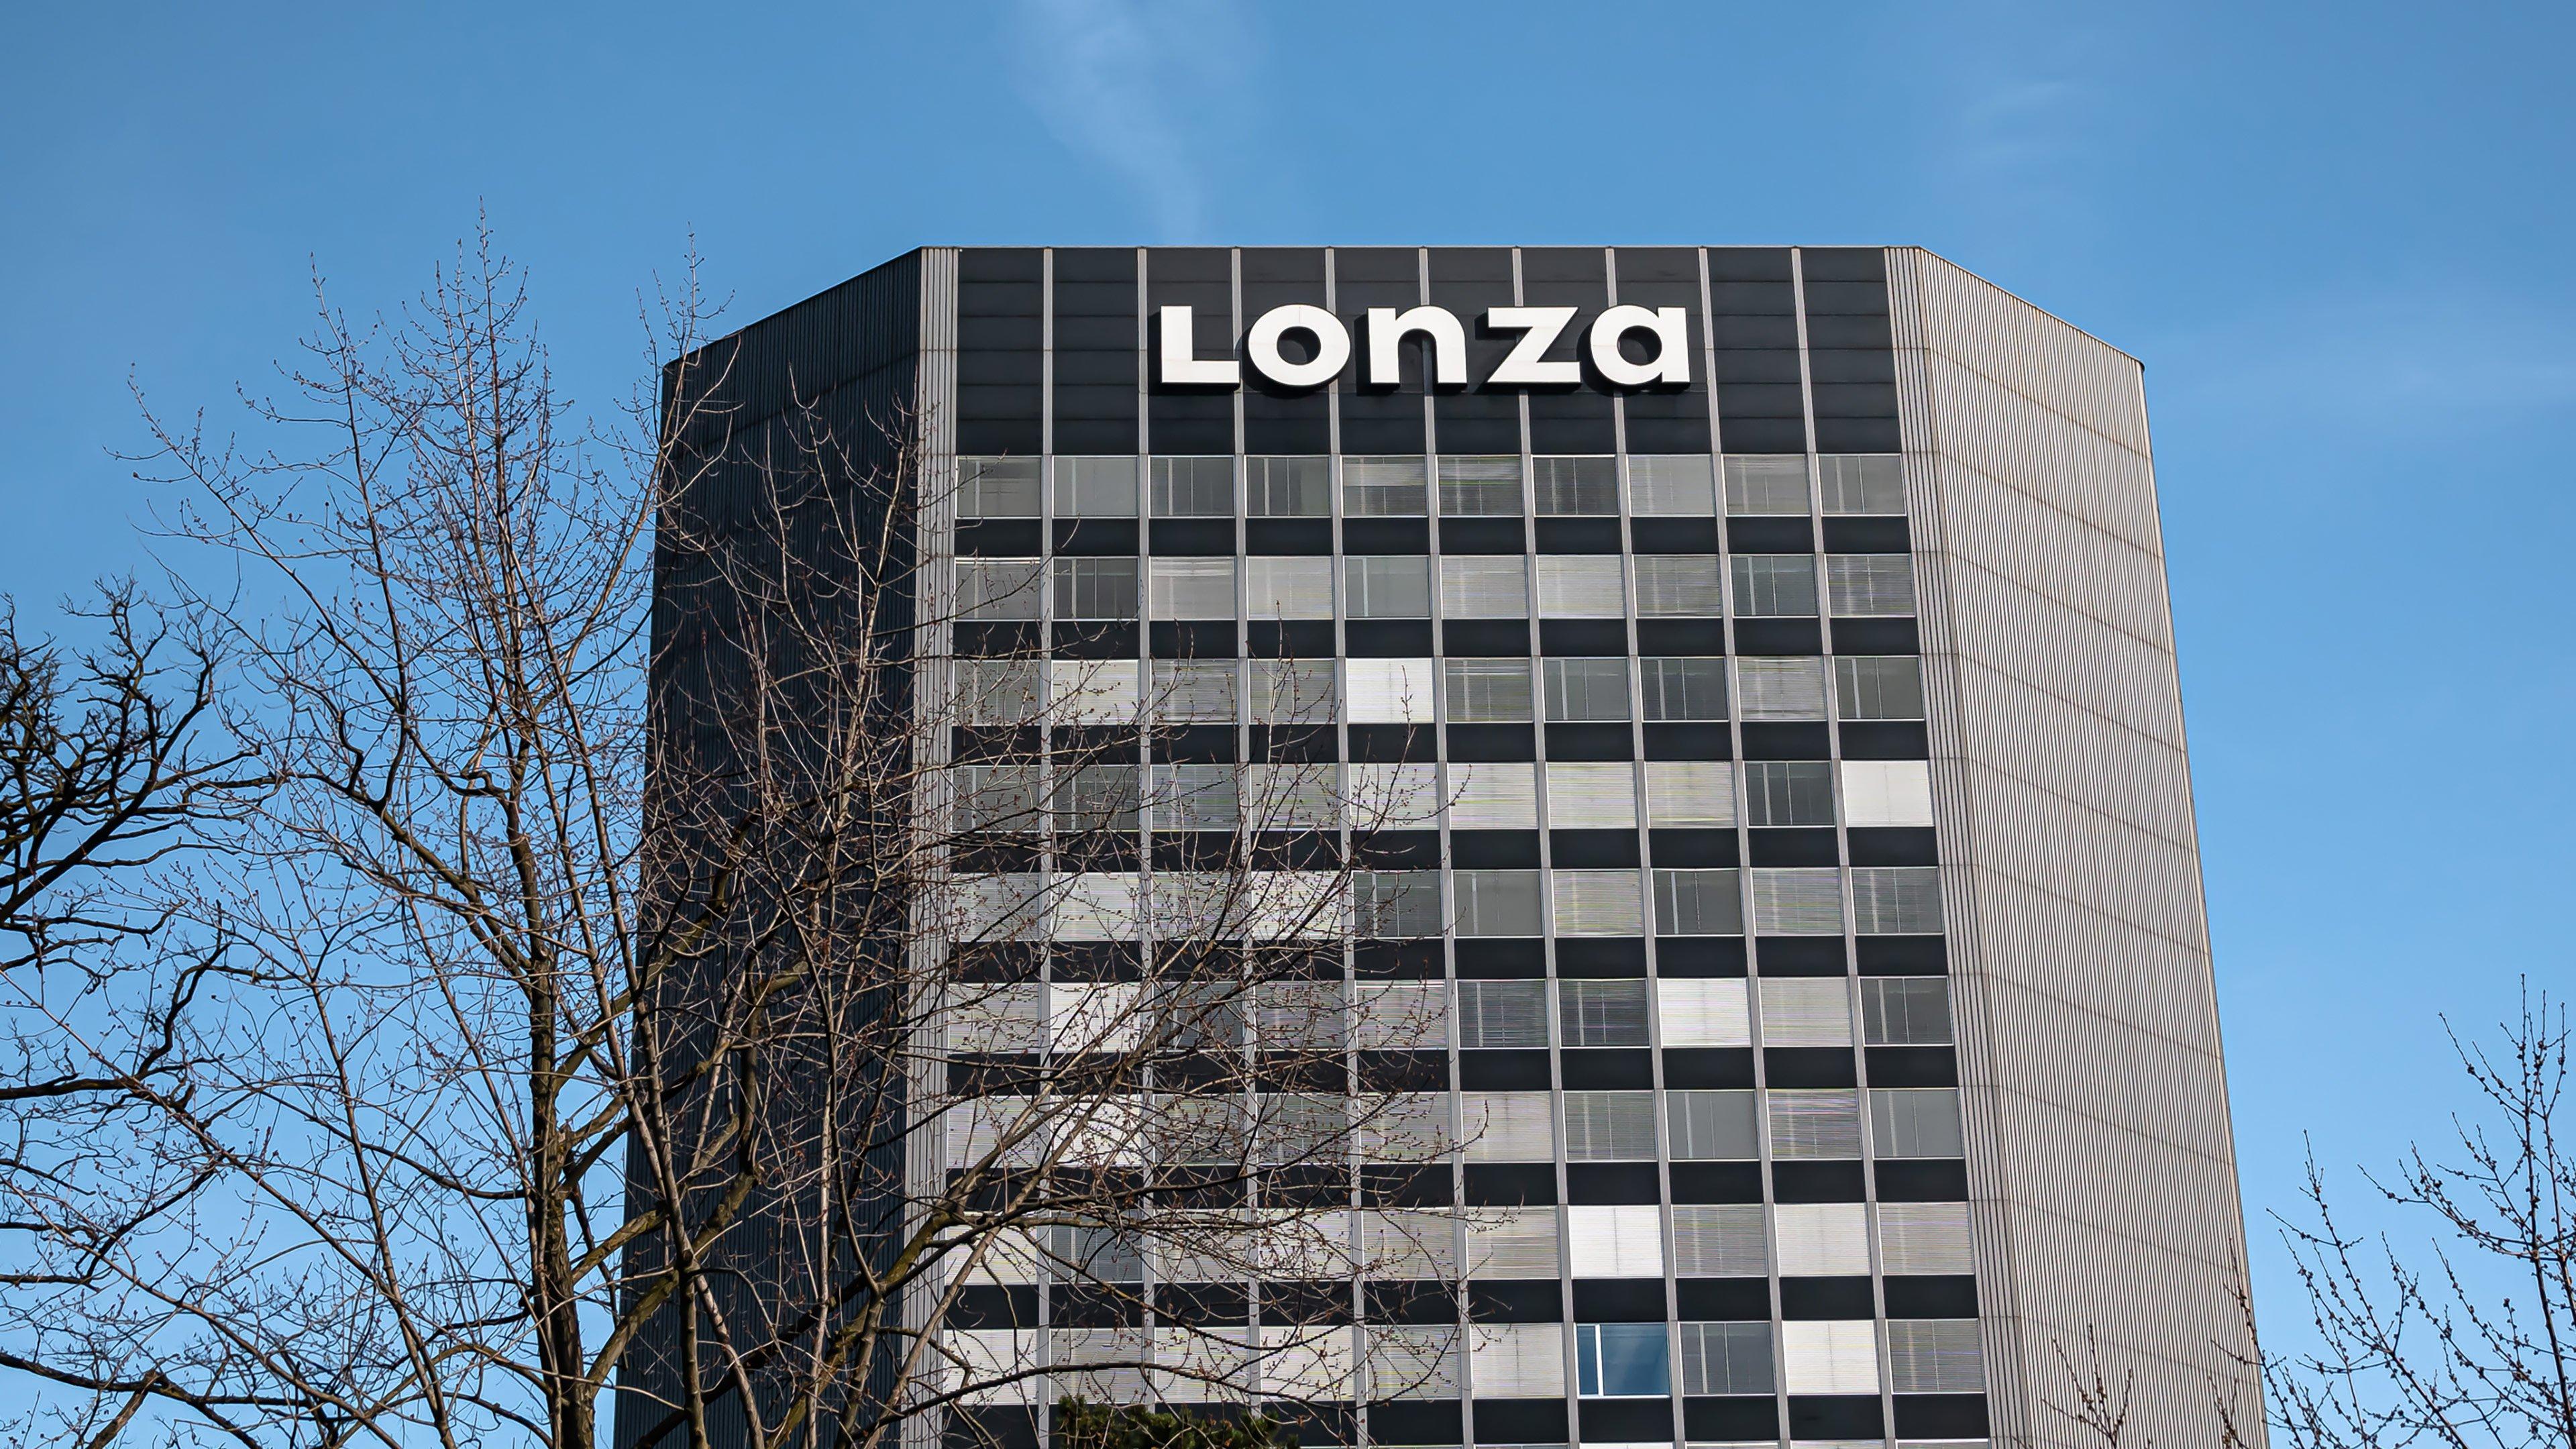 ロンザ社、デジタル時代に向けてオペレーションを最適化